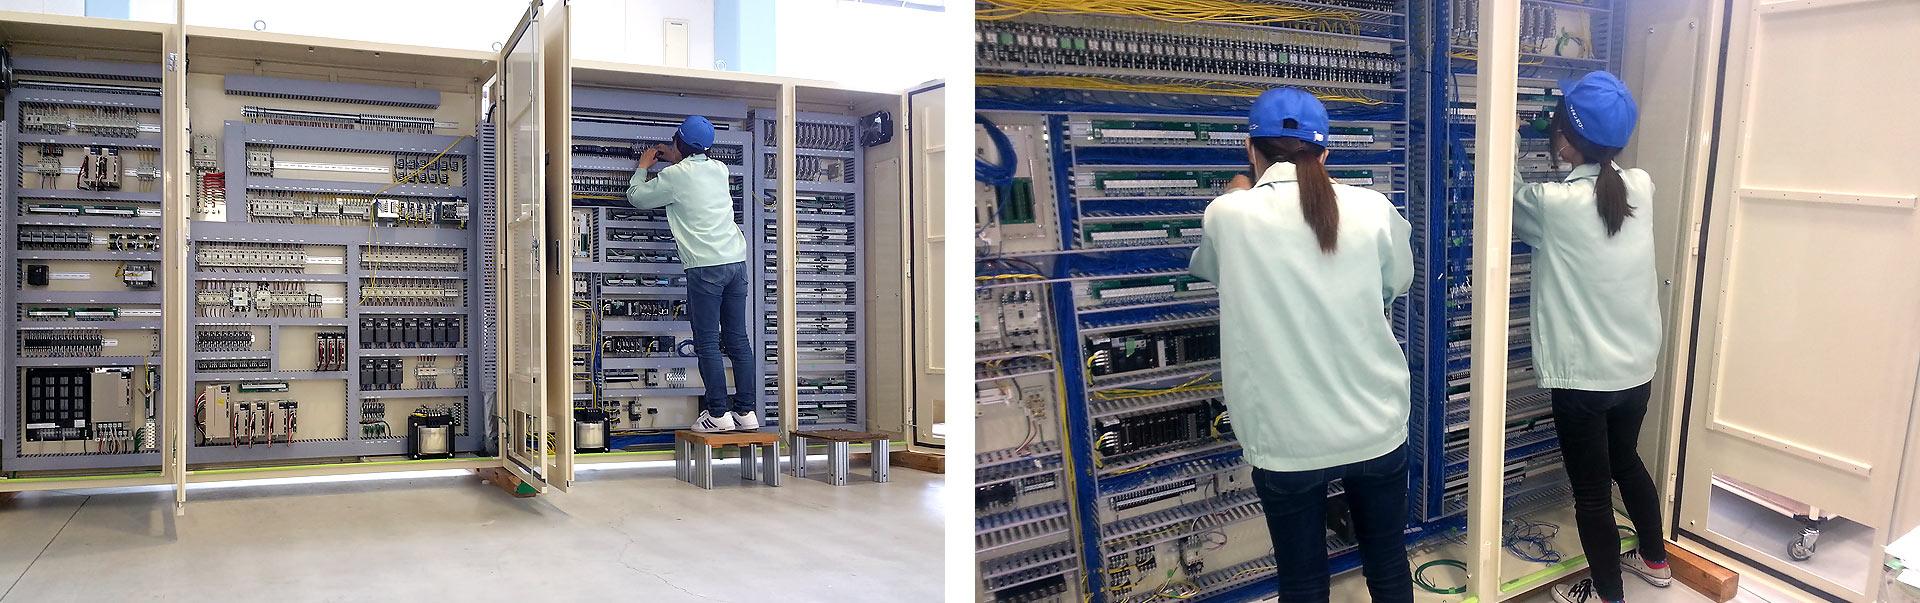 次世代型制御盤設計・製作 事業紹介 ライオンパワー株式会社